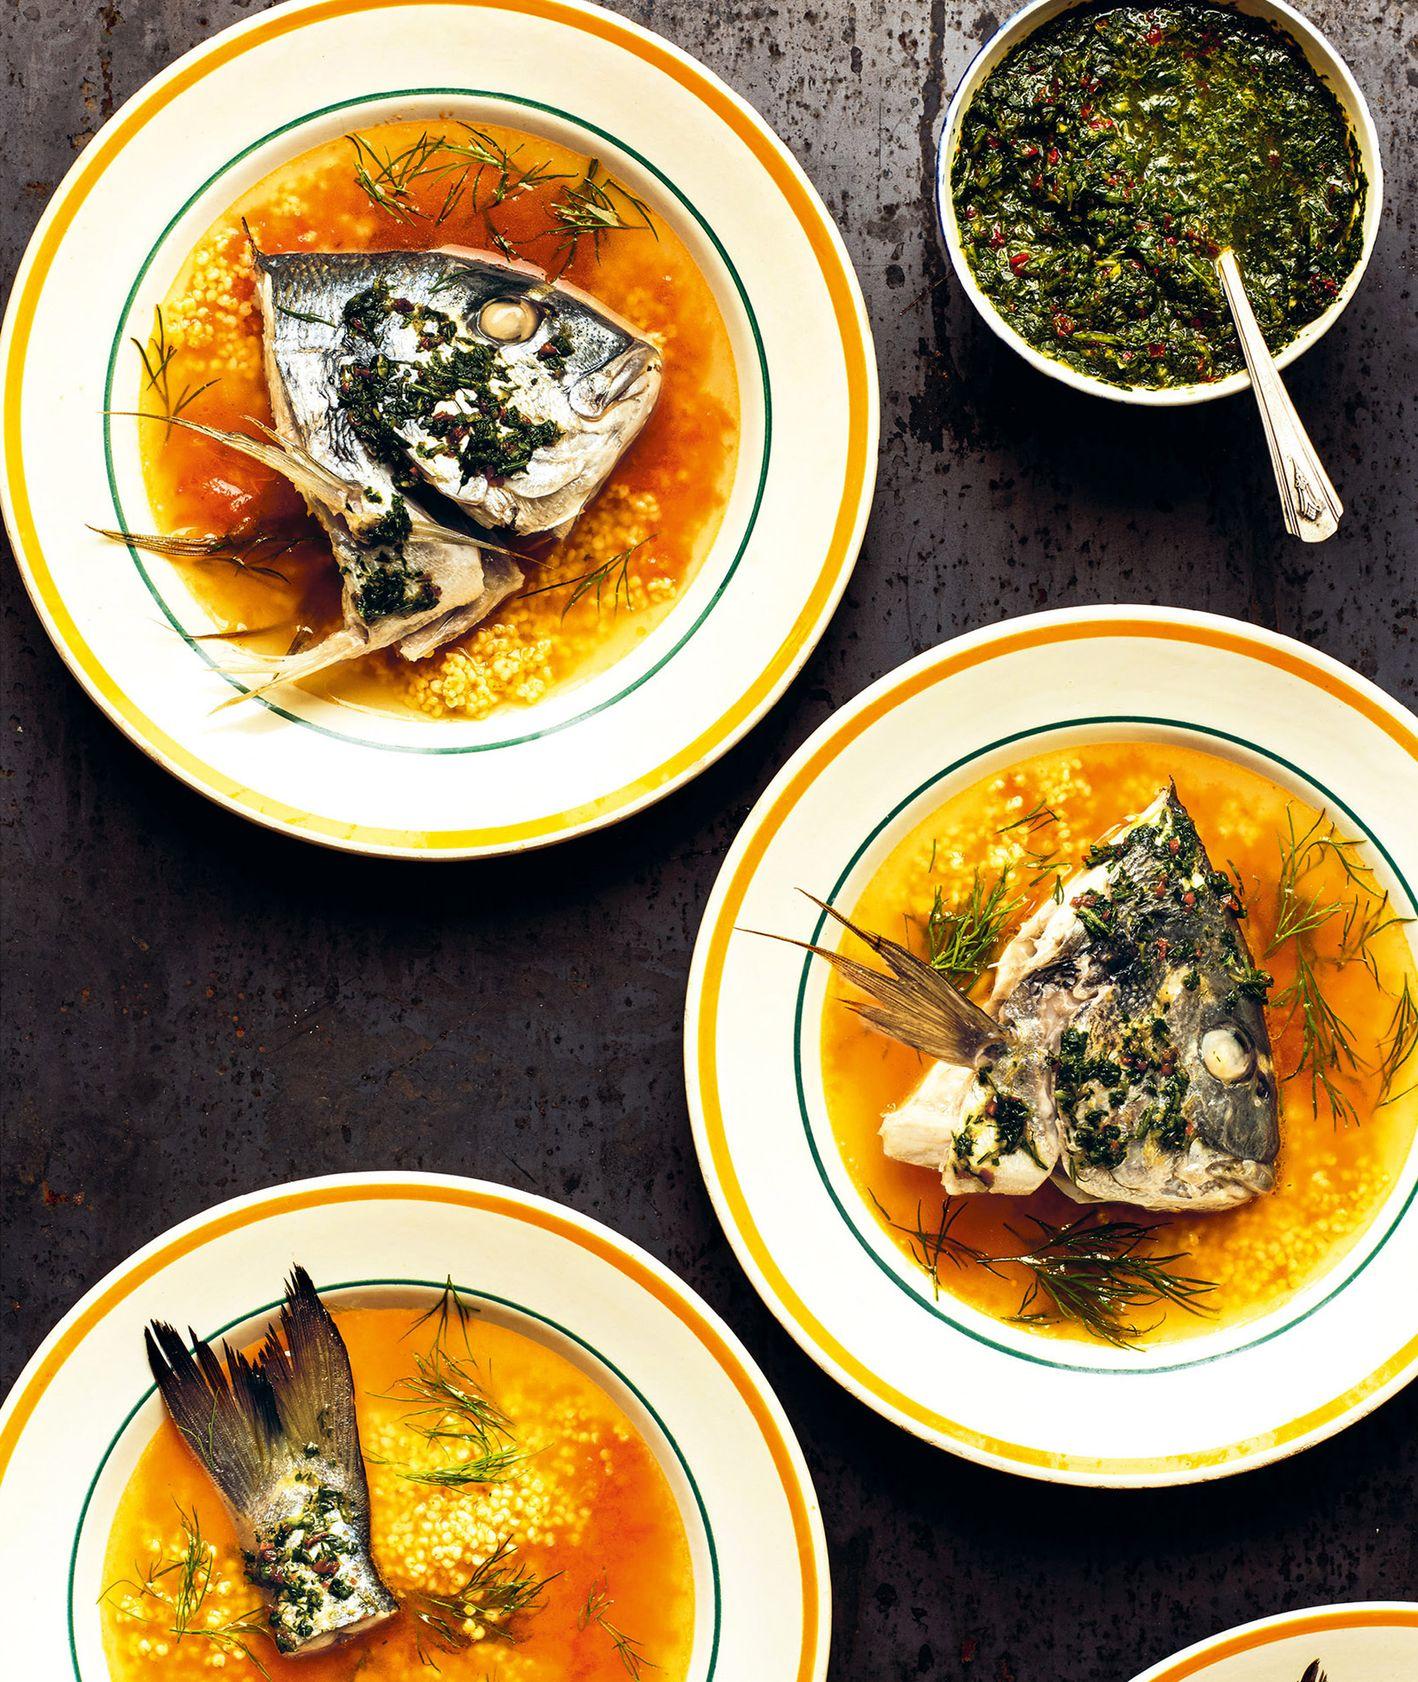 Przepis na zupę rybną. Zupa rybna jak zrobić. (fot. materiały prasowe / Sielskie Smaki)